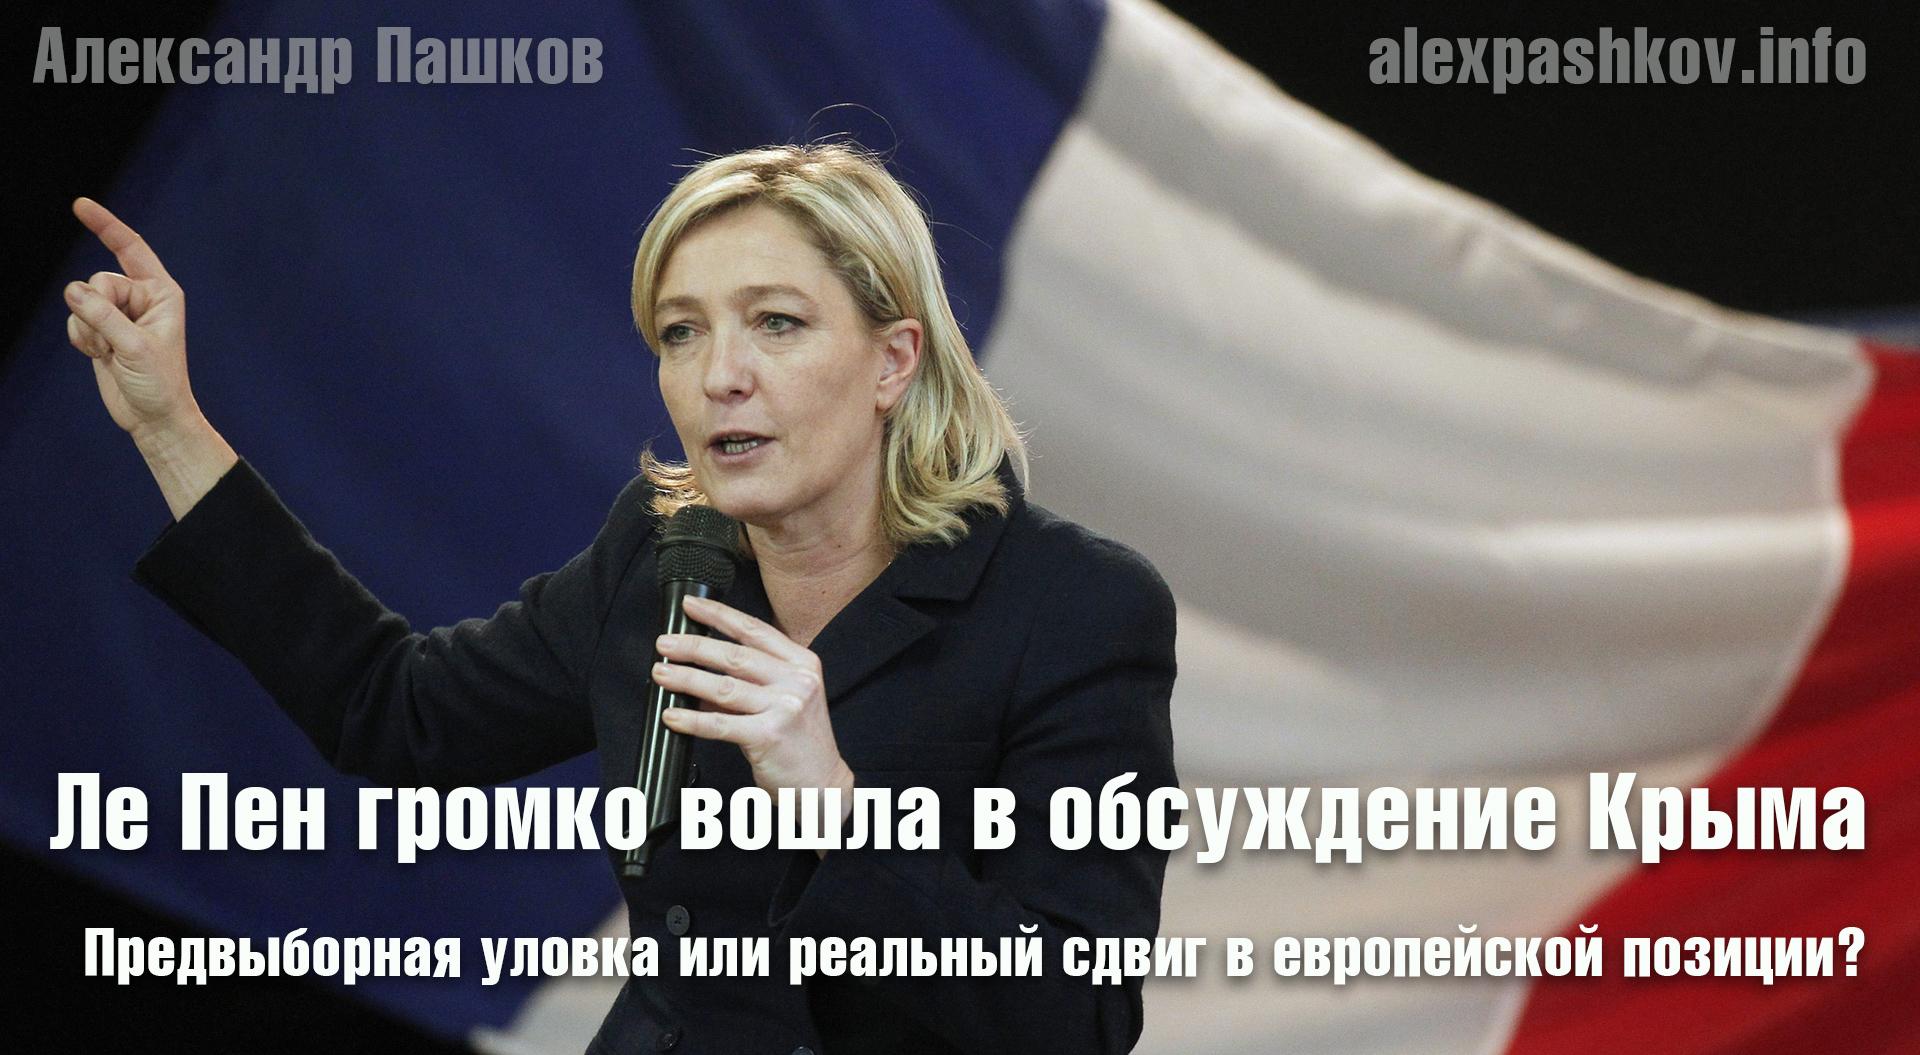 Ле Пен громко вошла в обсуждение Крыма. Предвыборная уловка или реальный сдвиг в европейской позиции?